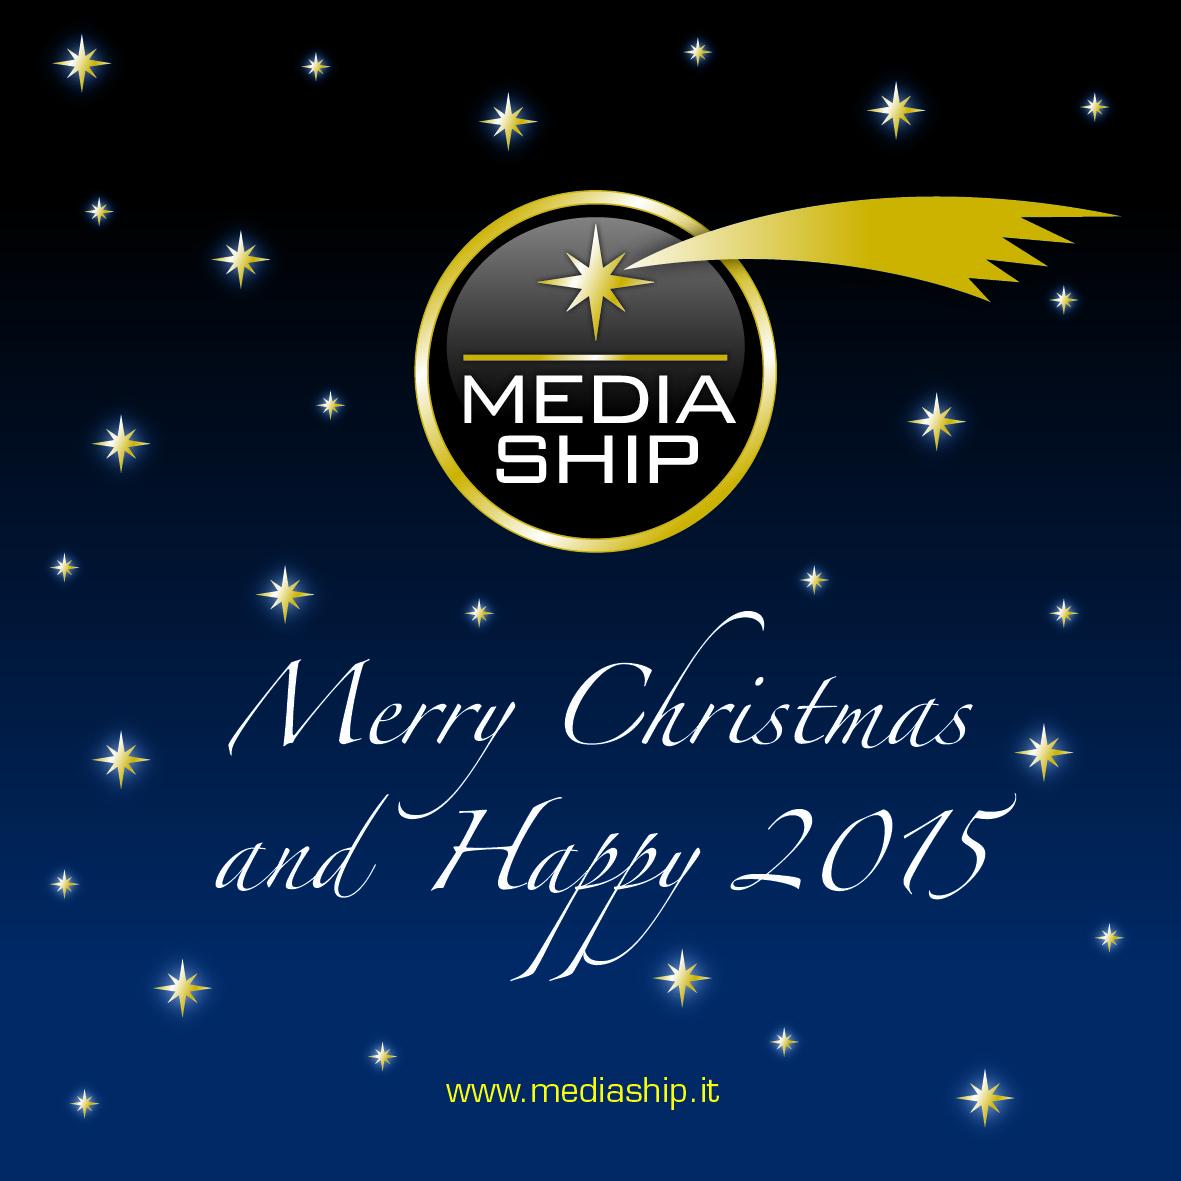 Feliz Navidad y feliz año 2015